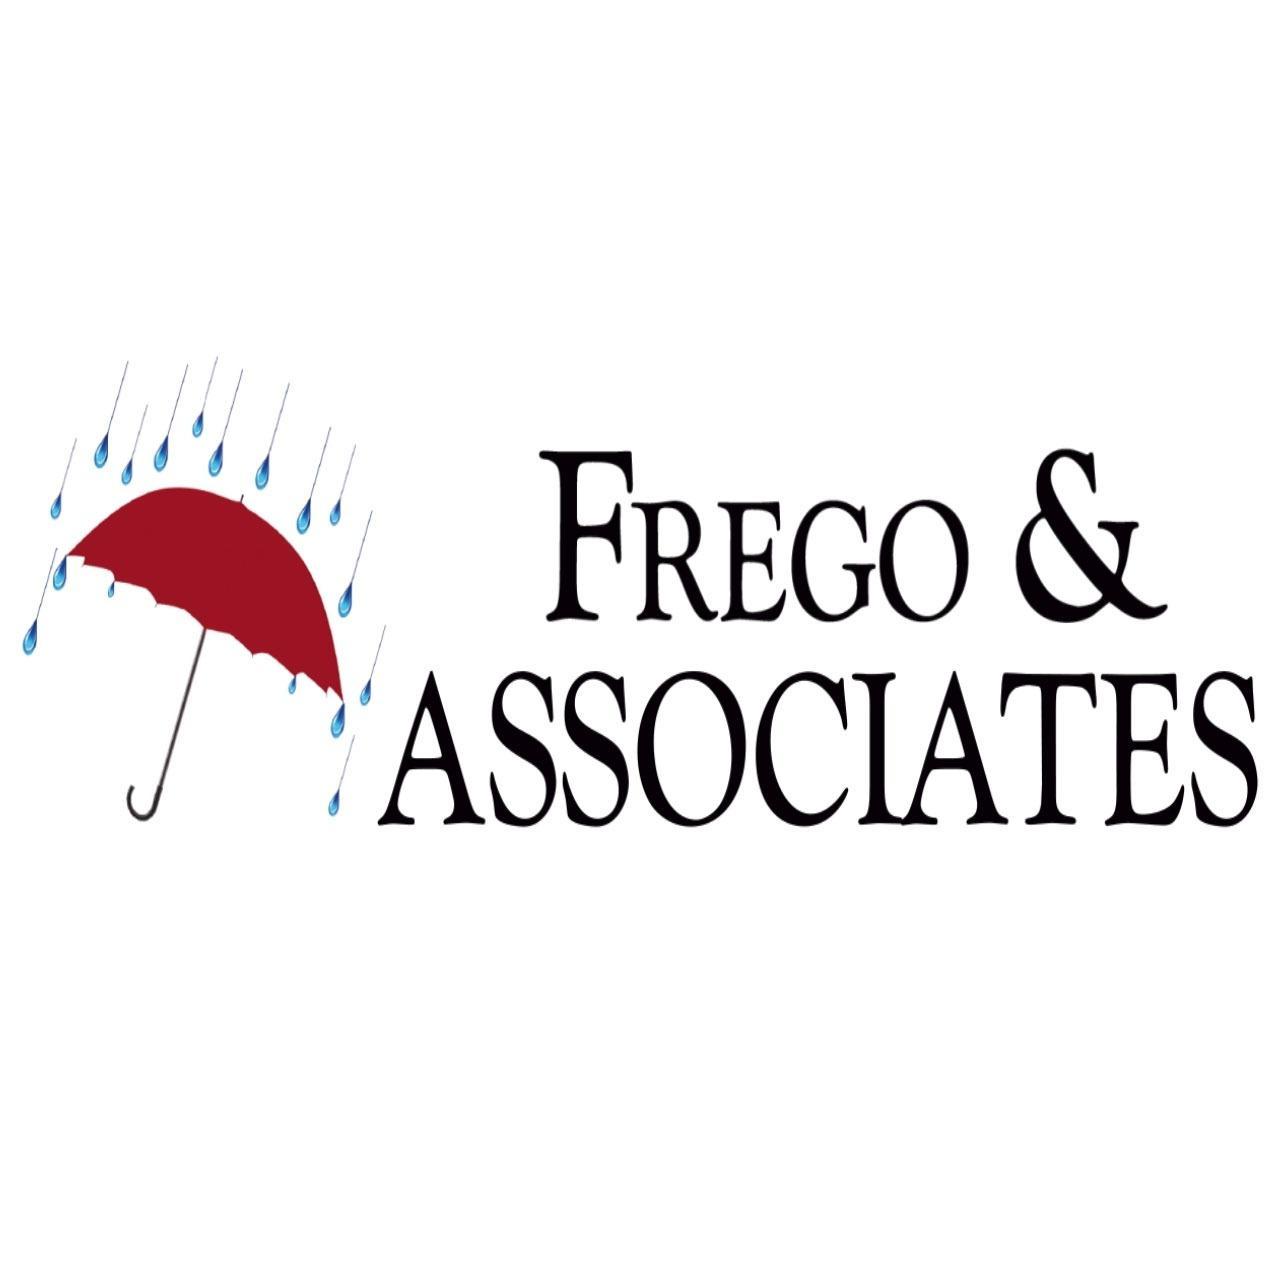 Frego & Associates